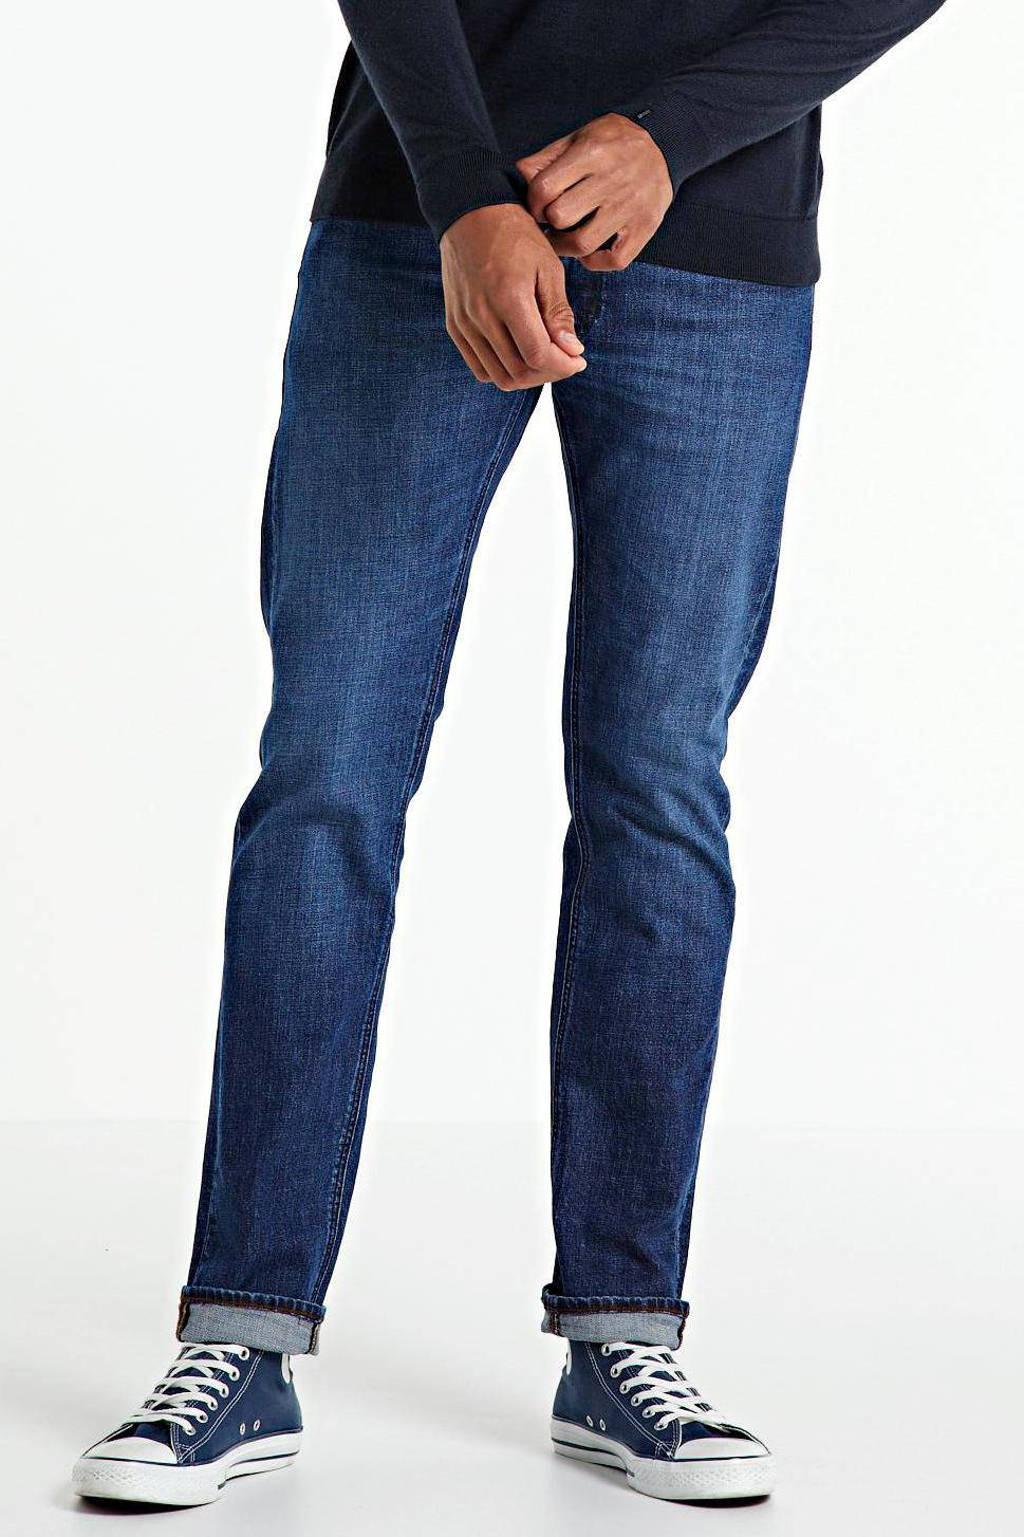 Lee regular fit jeans Daren KNDD deep foam, KNDD DEEP FOAM